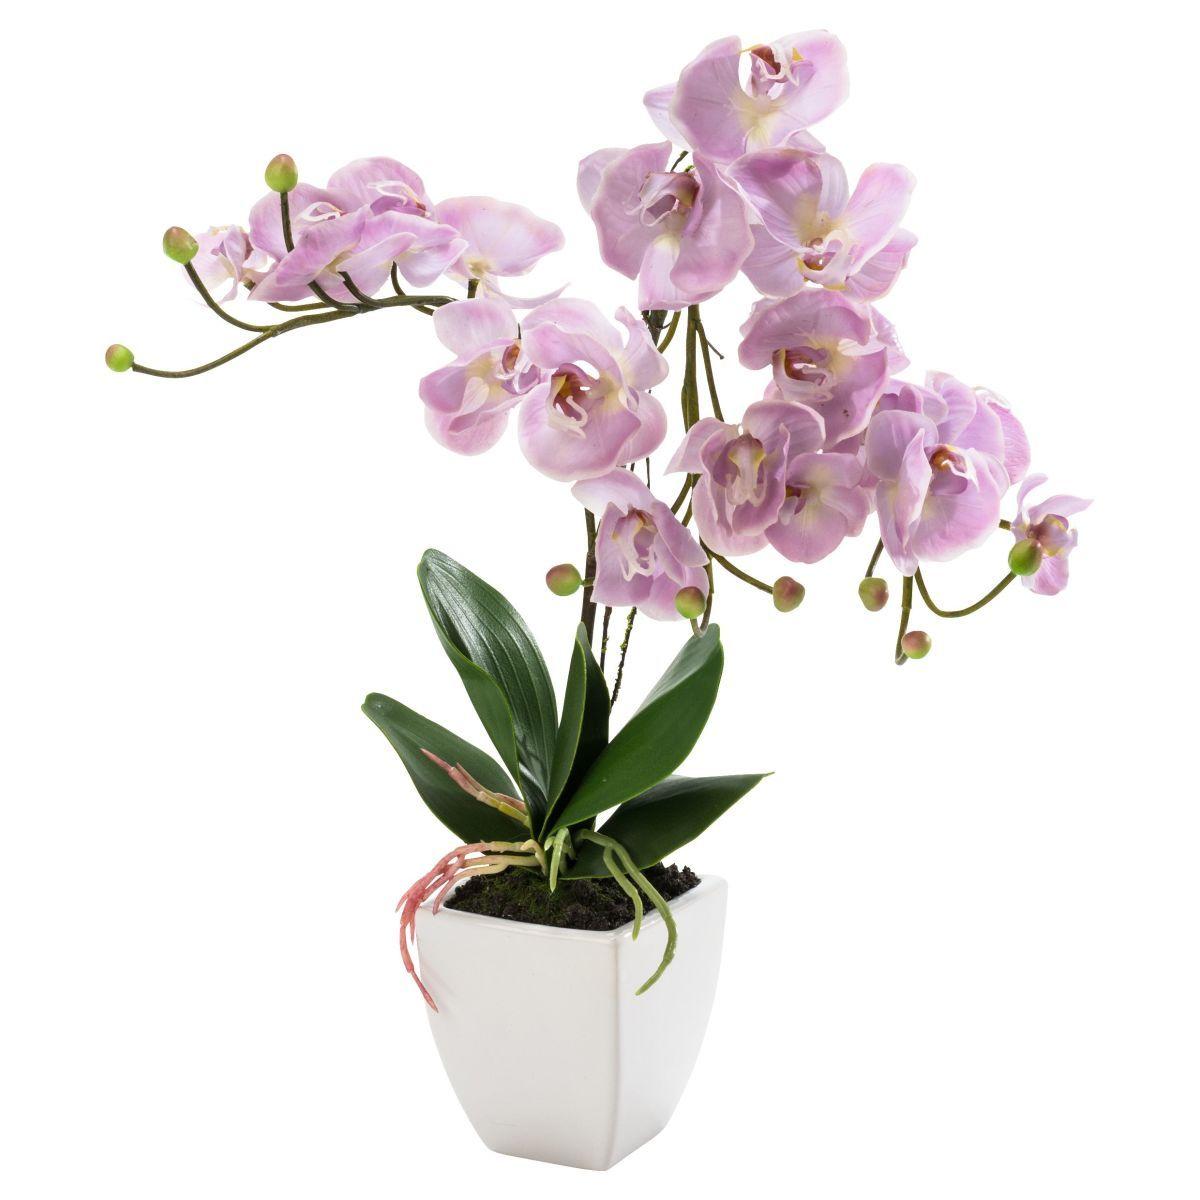 Kunstpflanze Orchidee Nachtfalter, Natur-Look Jetzt bestellen unter: https://moebel.ladendirekt.de/dekoration/dekopflanzen/kunstpflanzen/?uid=4fab6fd6-6a61-5aca-8c65-e1952fb1f2c4&utm_source=pinterest&utm_medium=pin&utm_campaign=boards #dekopflanzen #kunstpflanzen #dekoration